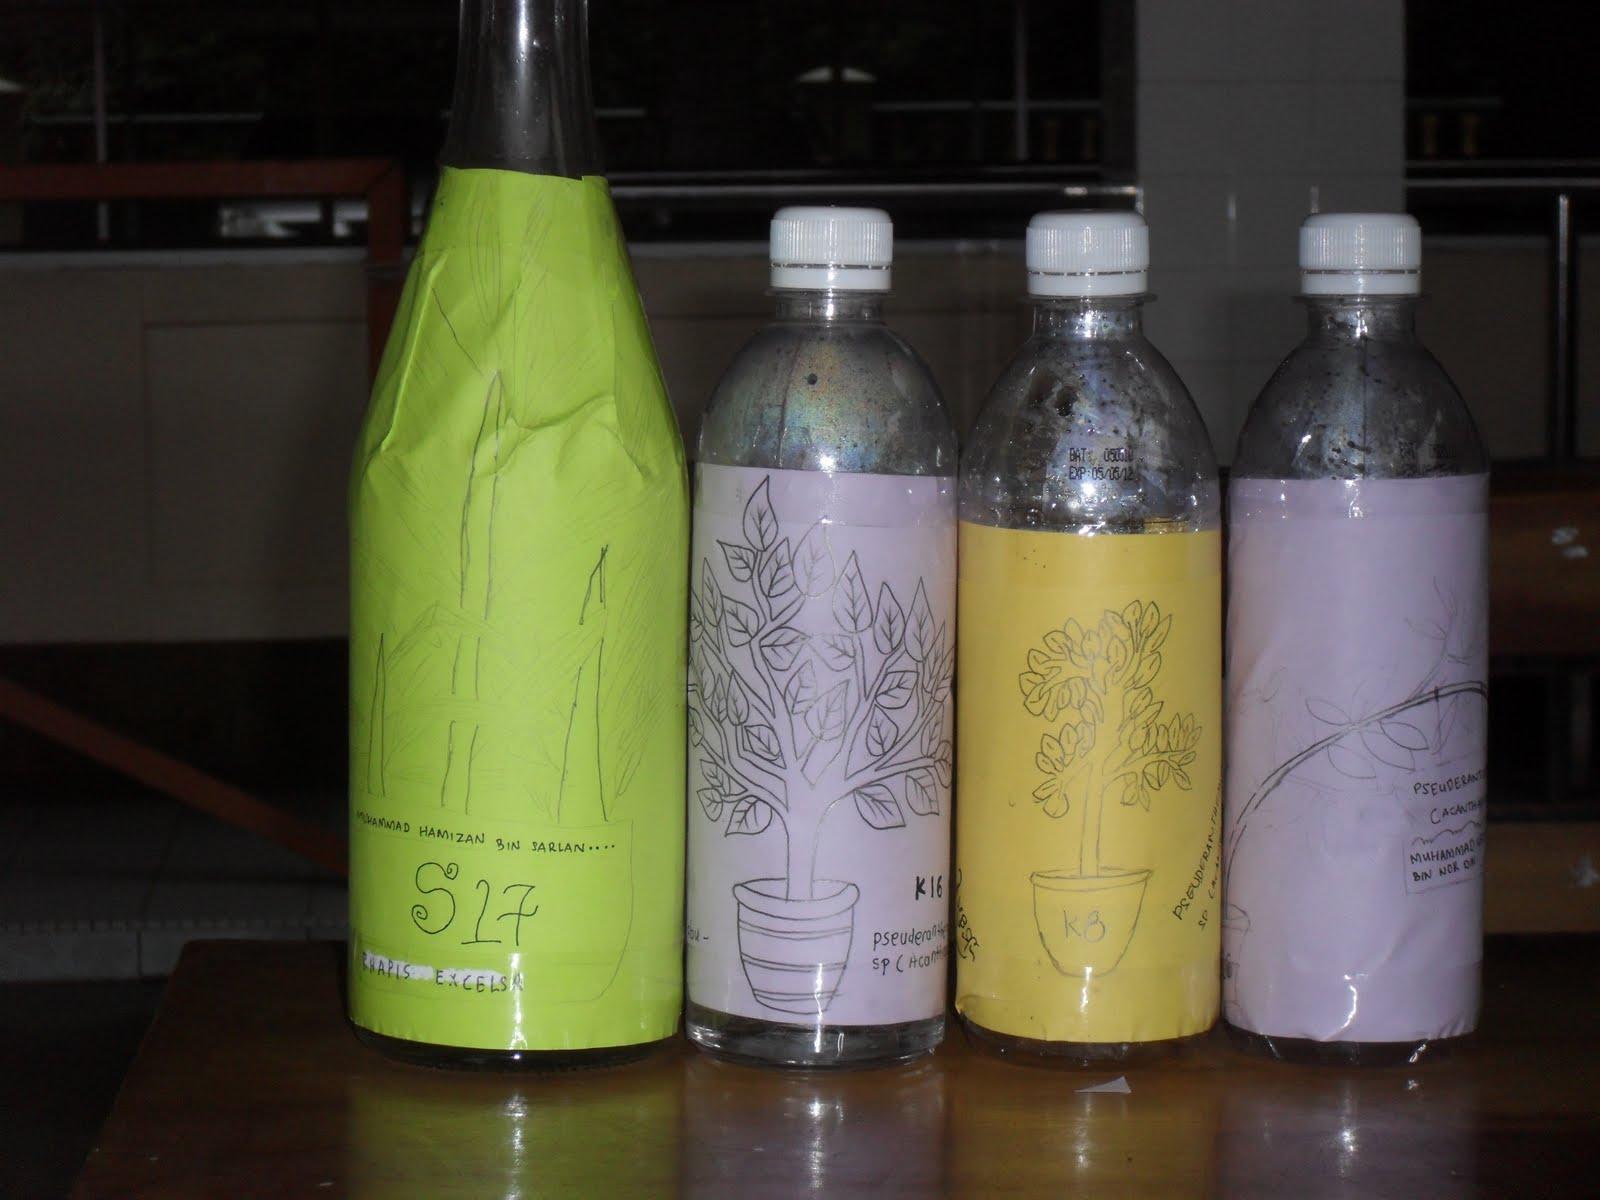 rauf sedang melukis gambar pokok untuk ditampalkan di botol air yang